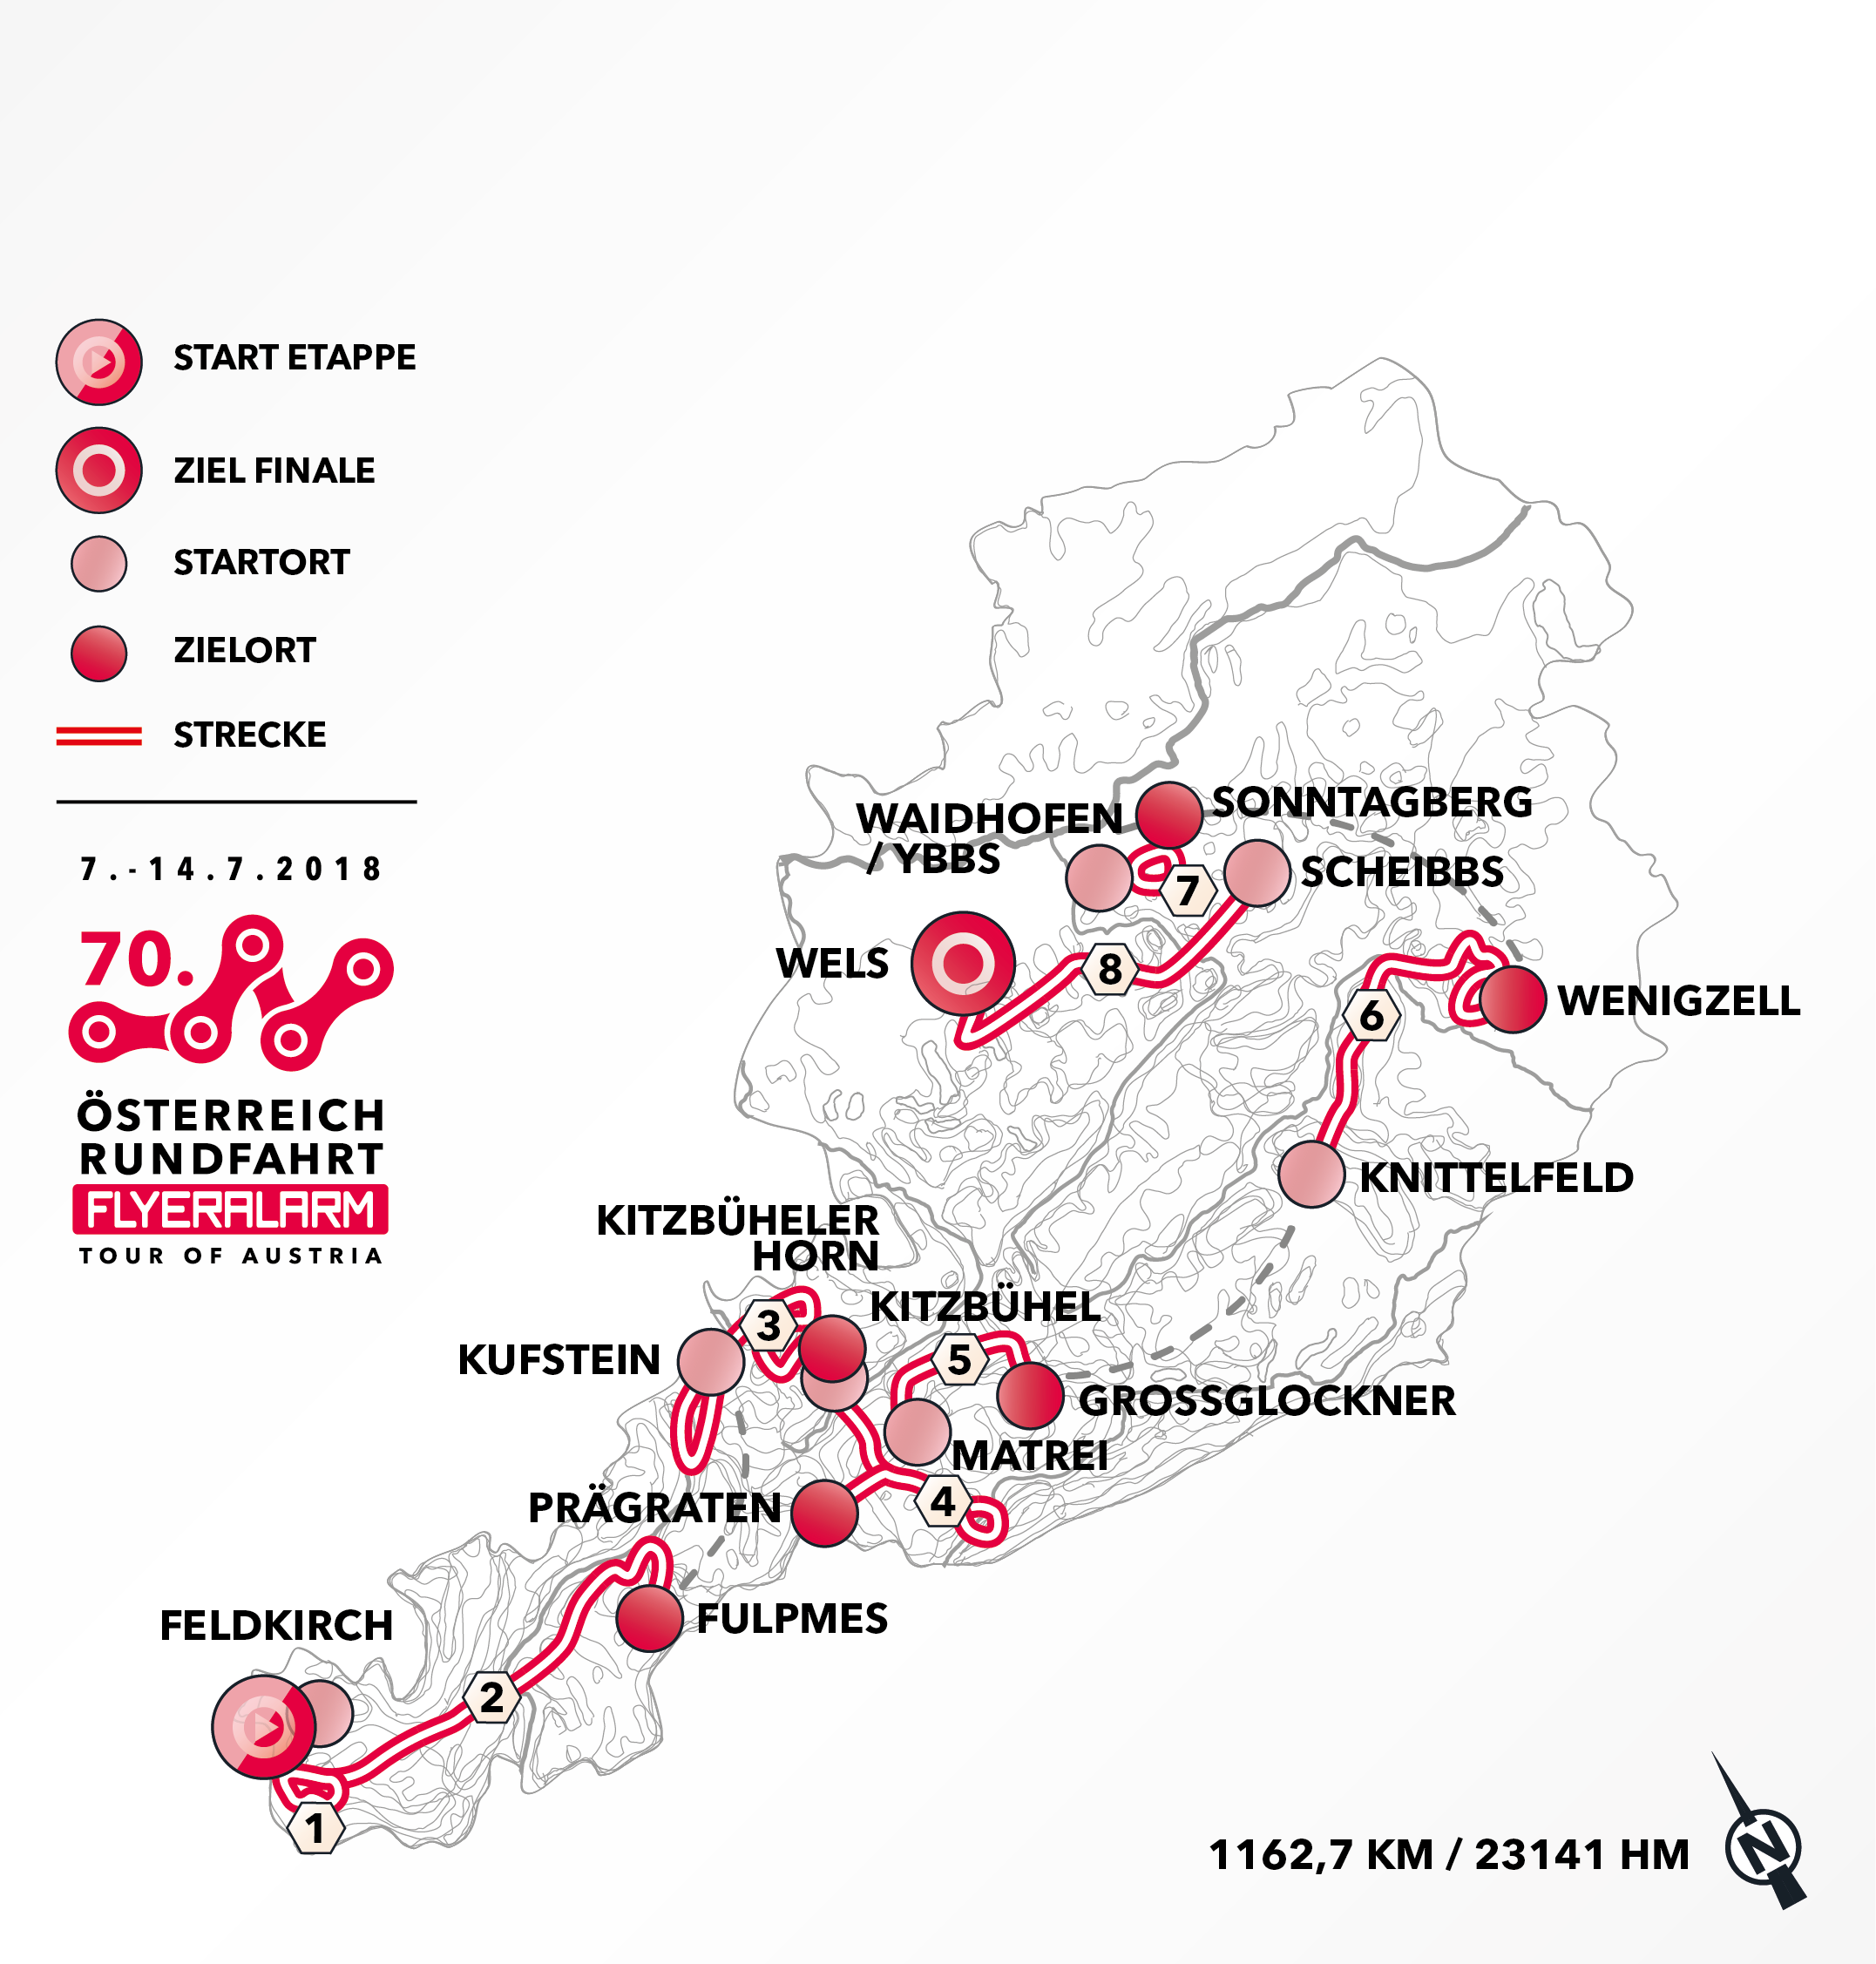 Die Streckenführung der 70. Österreich-Rundfahrt 2018